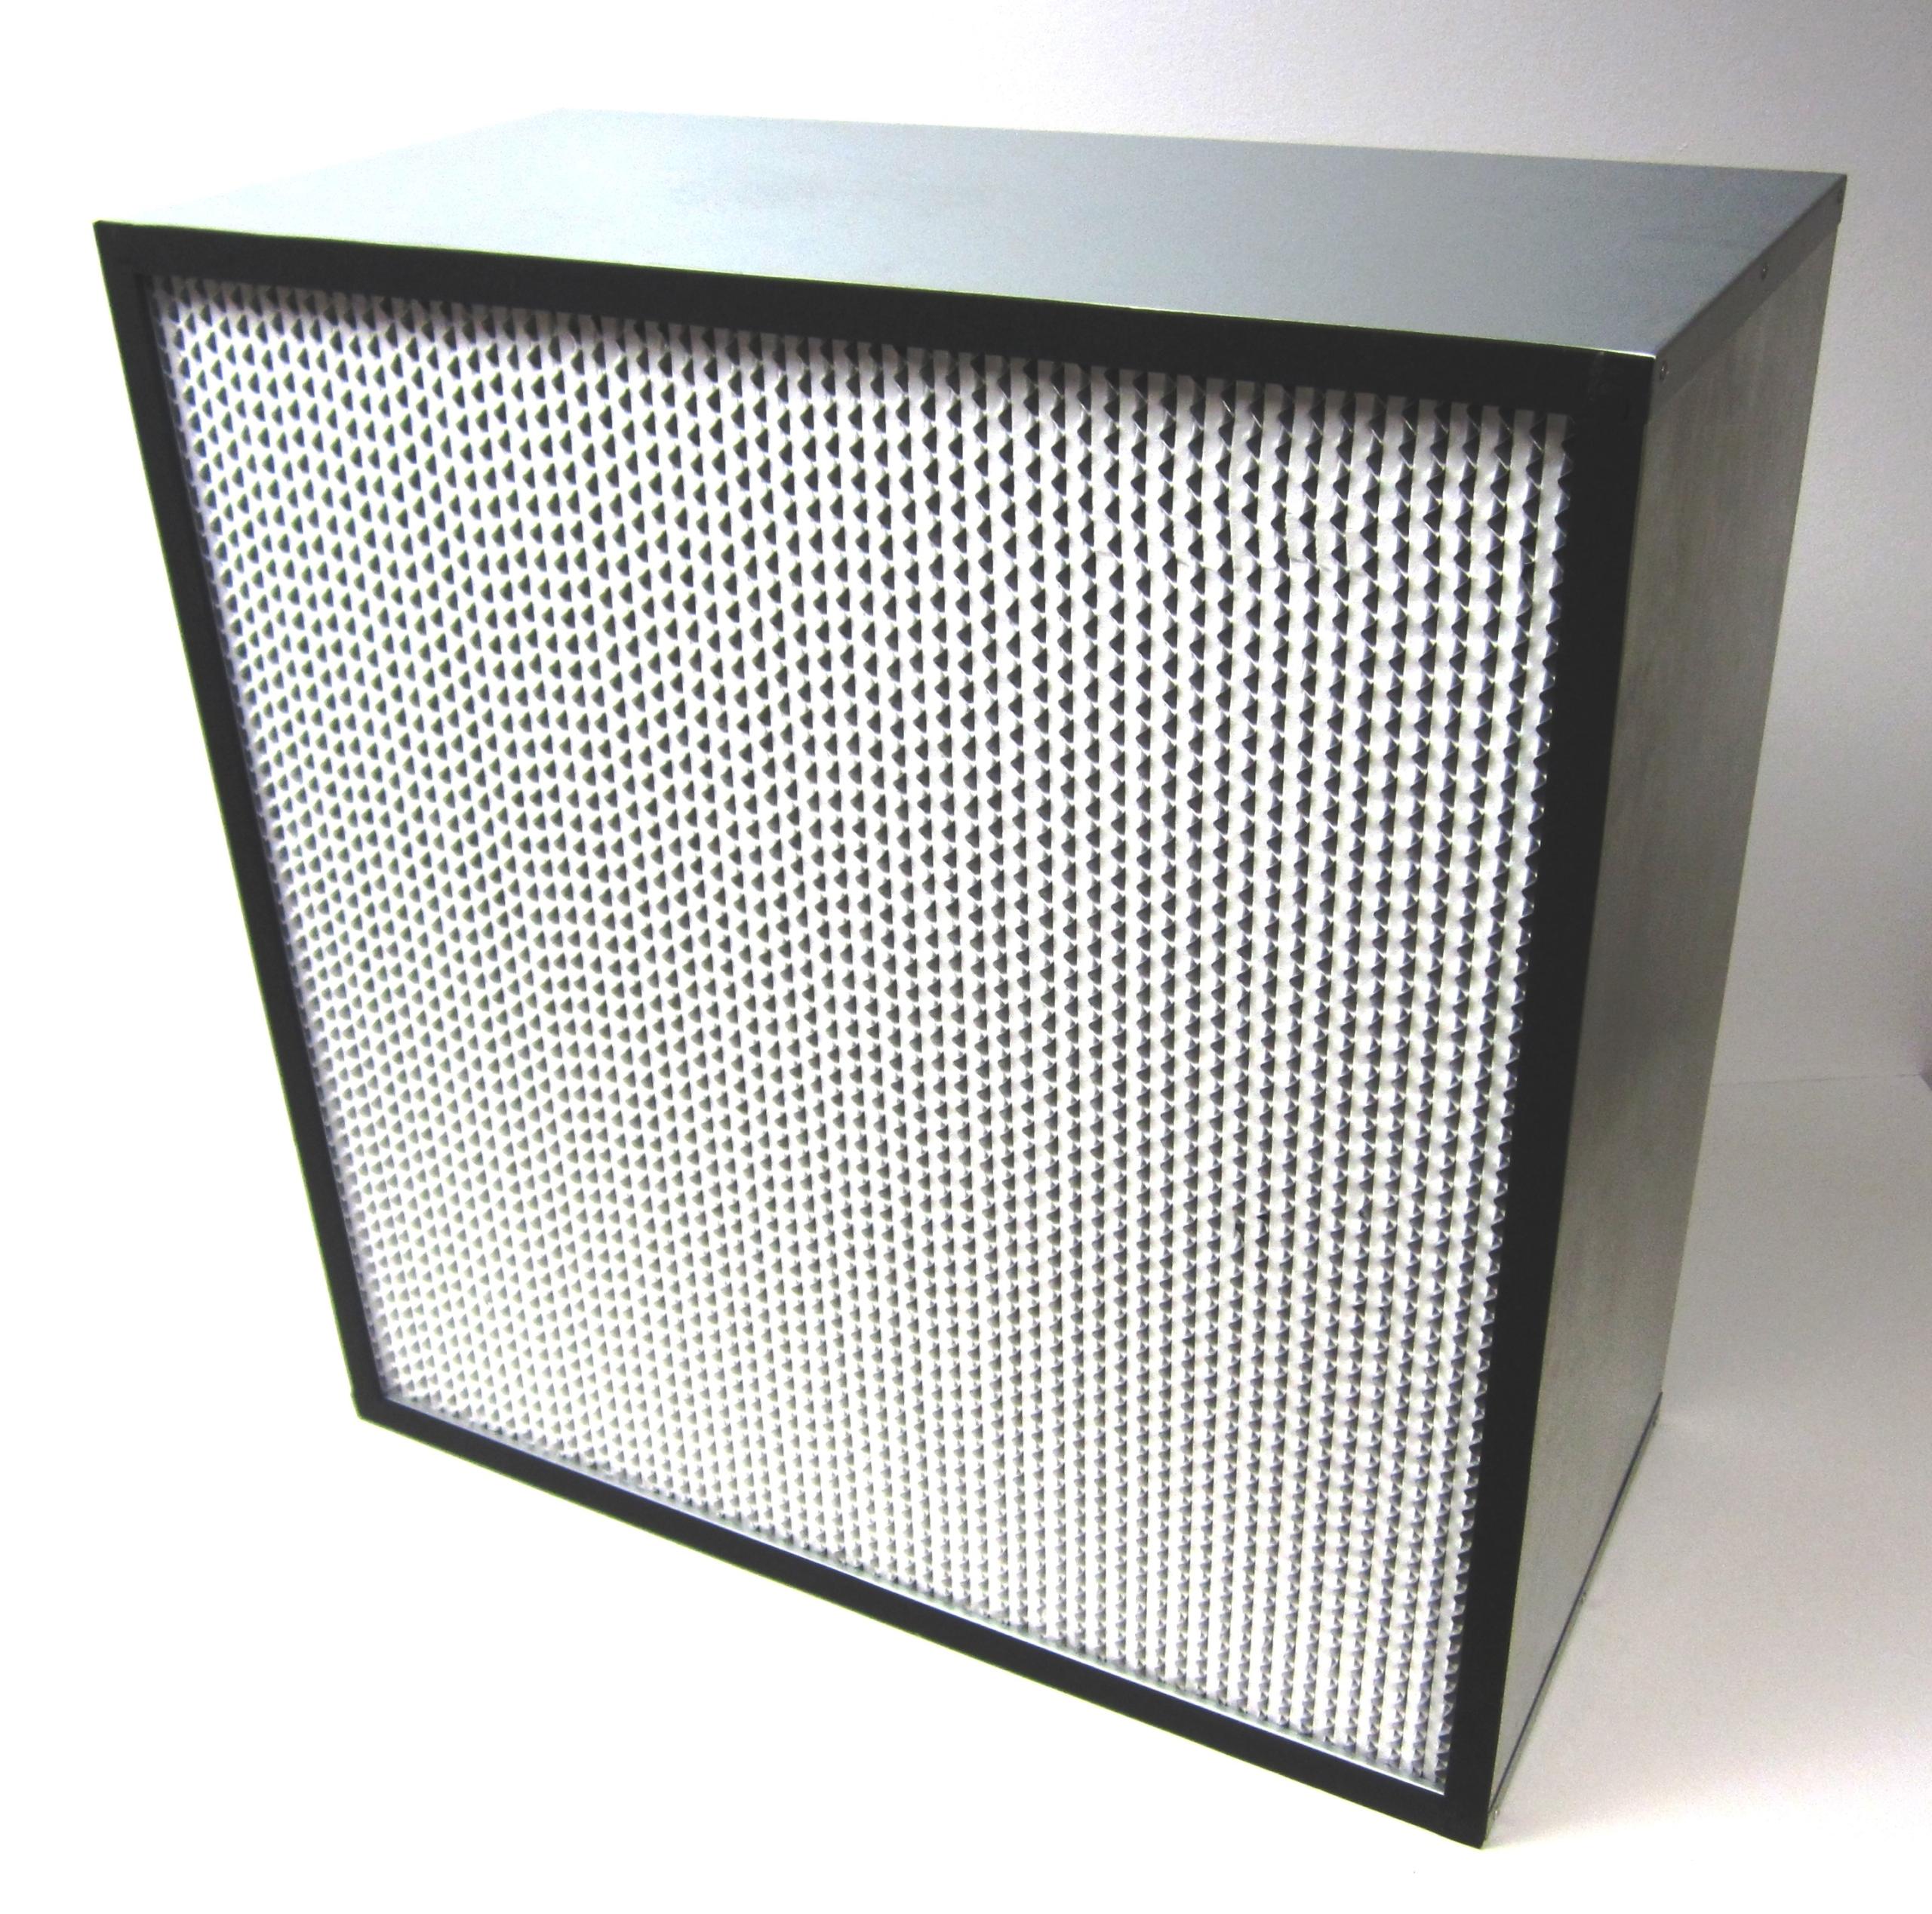 Un filtre HEPA | Wikimedia Commons